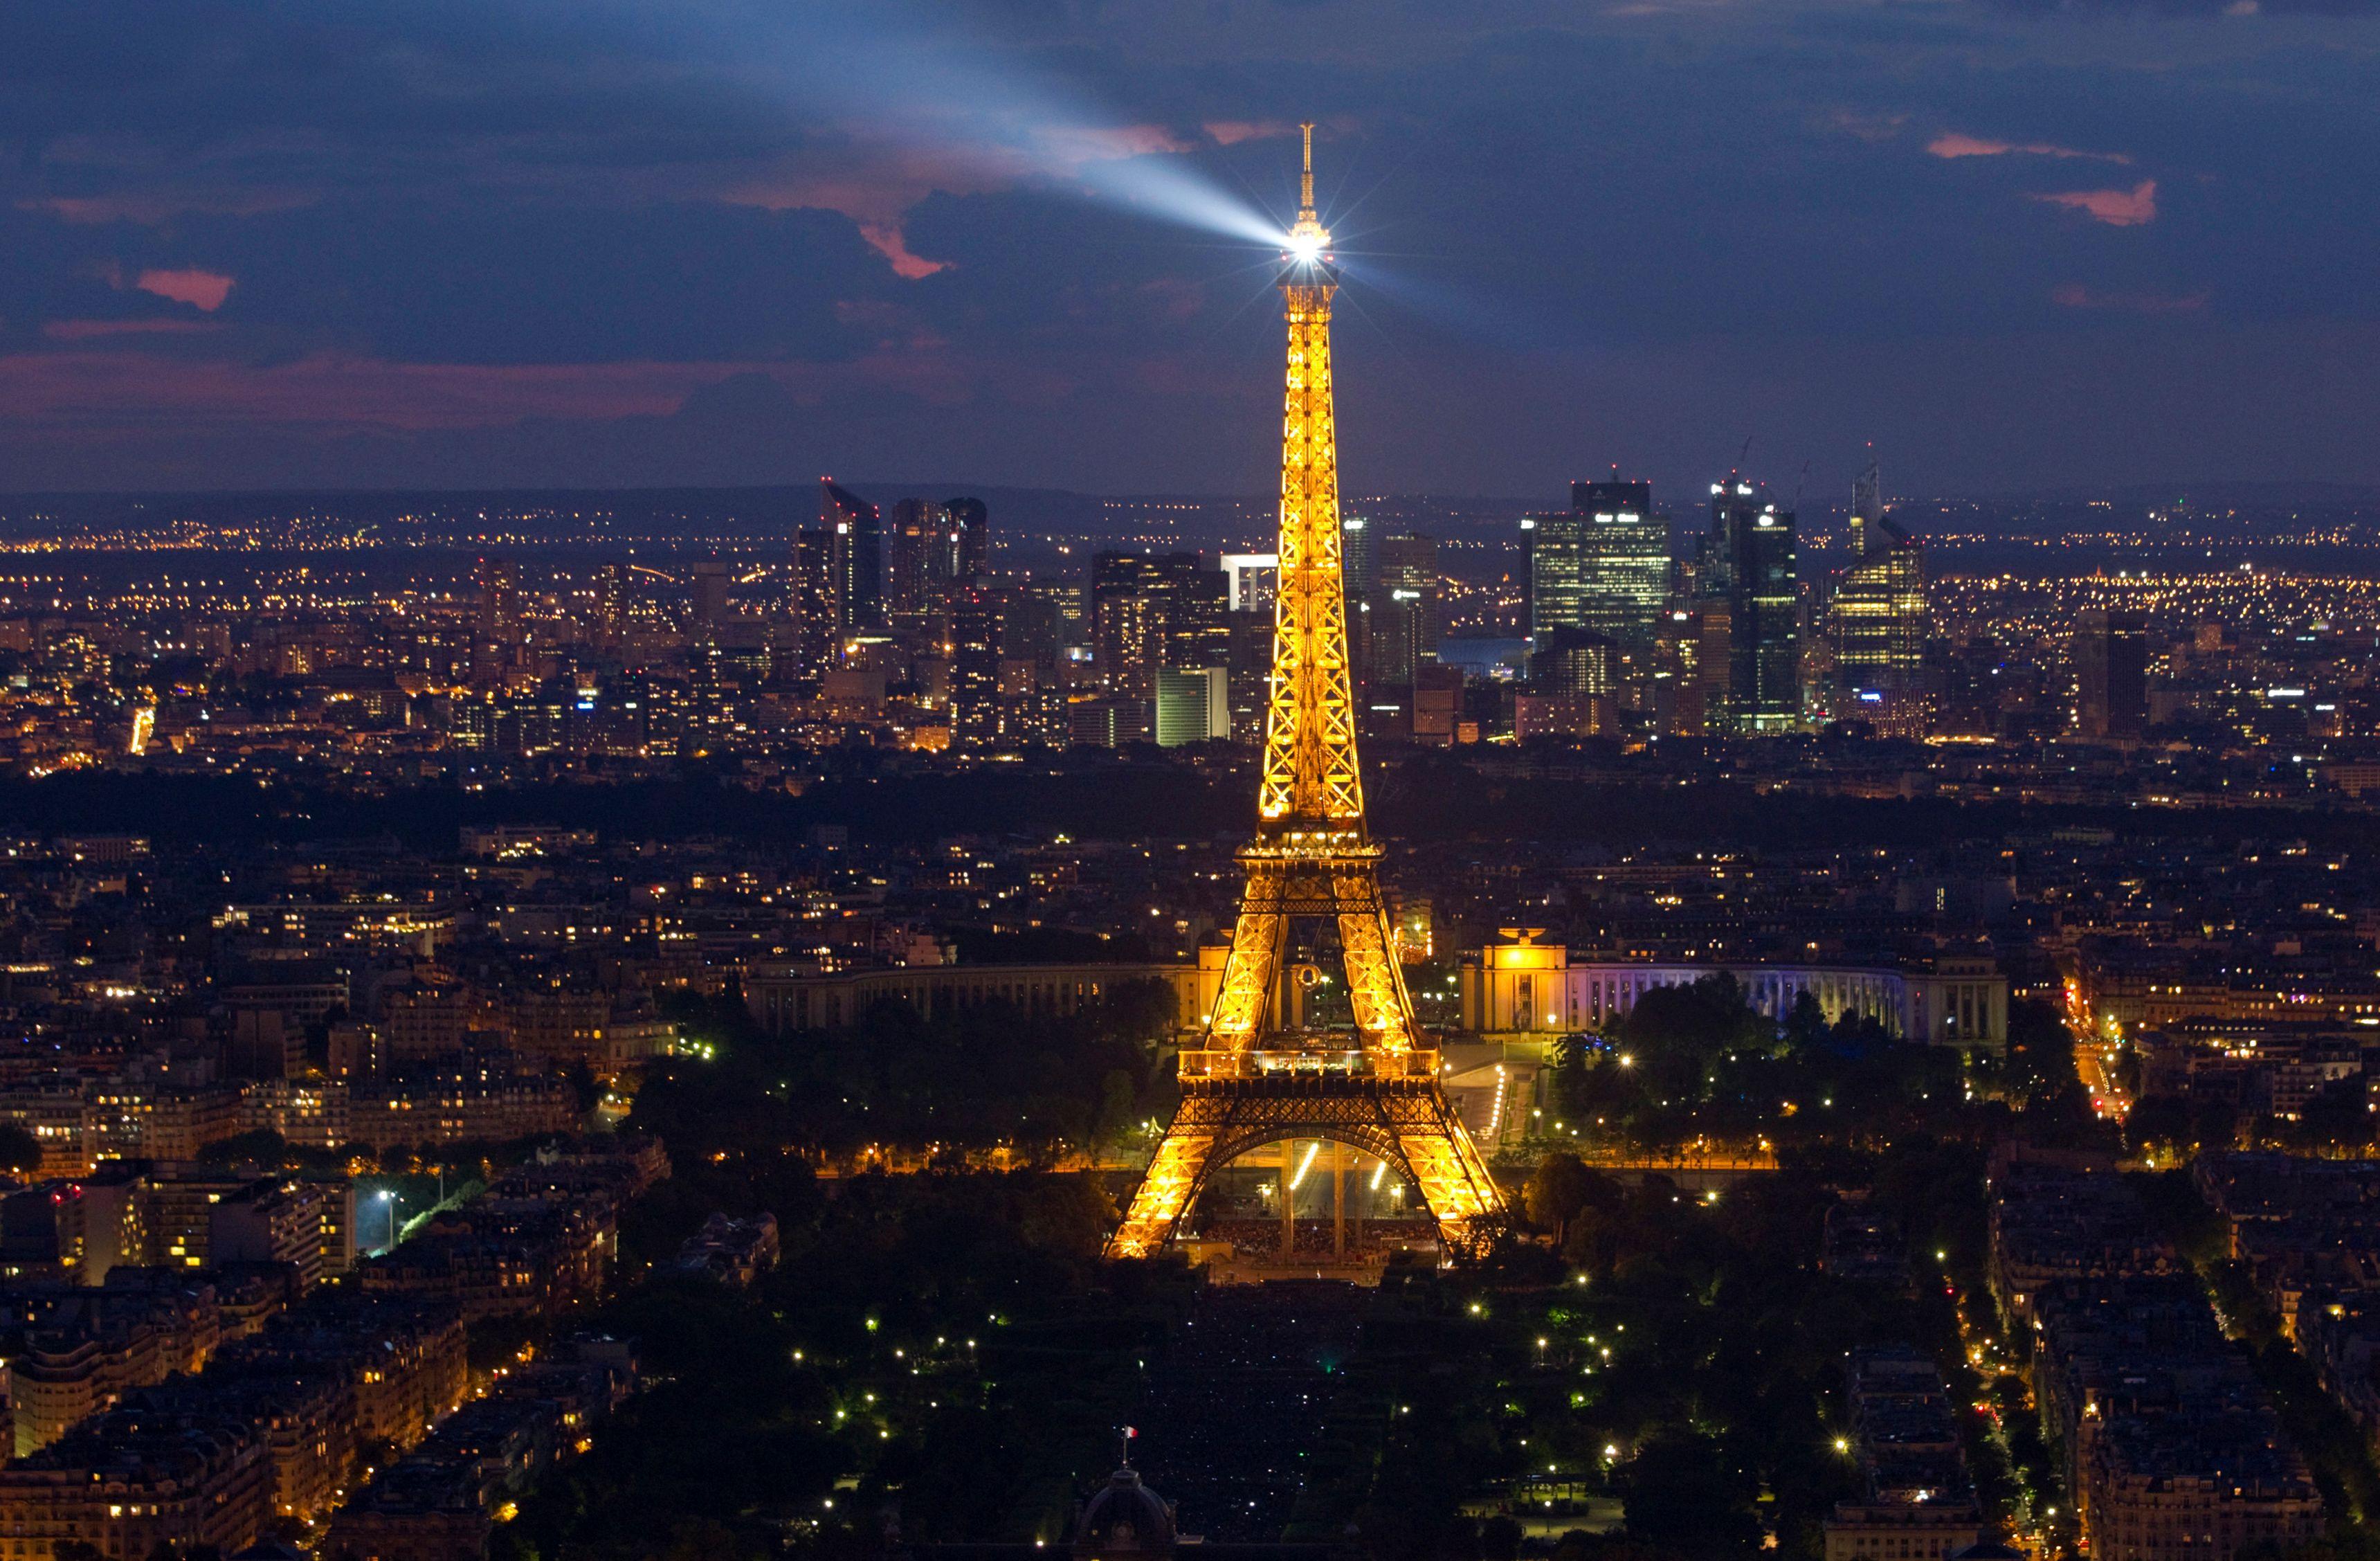 Le rappeur Youssoupha aimerait que l'on éteigne le phare de la tour Eiffel, qui l'empêche de dormir